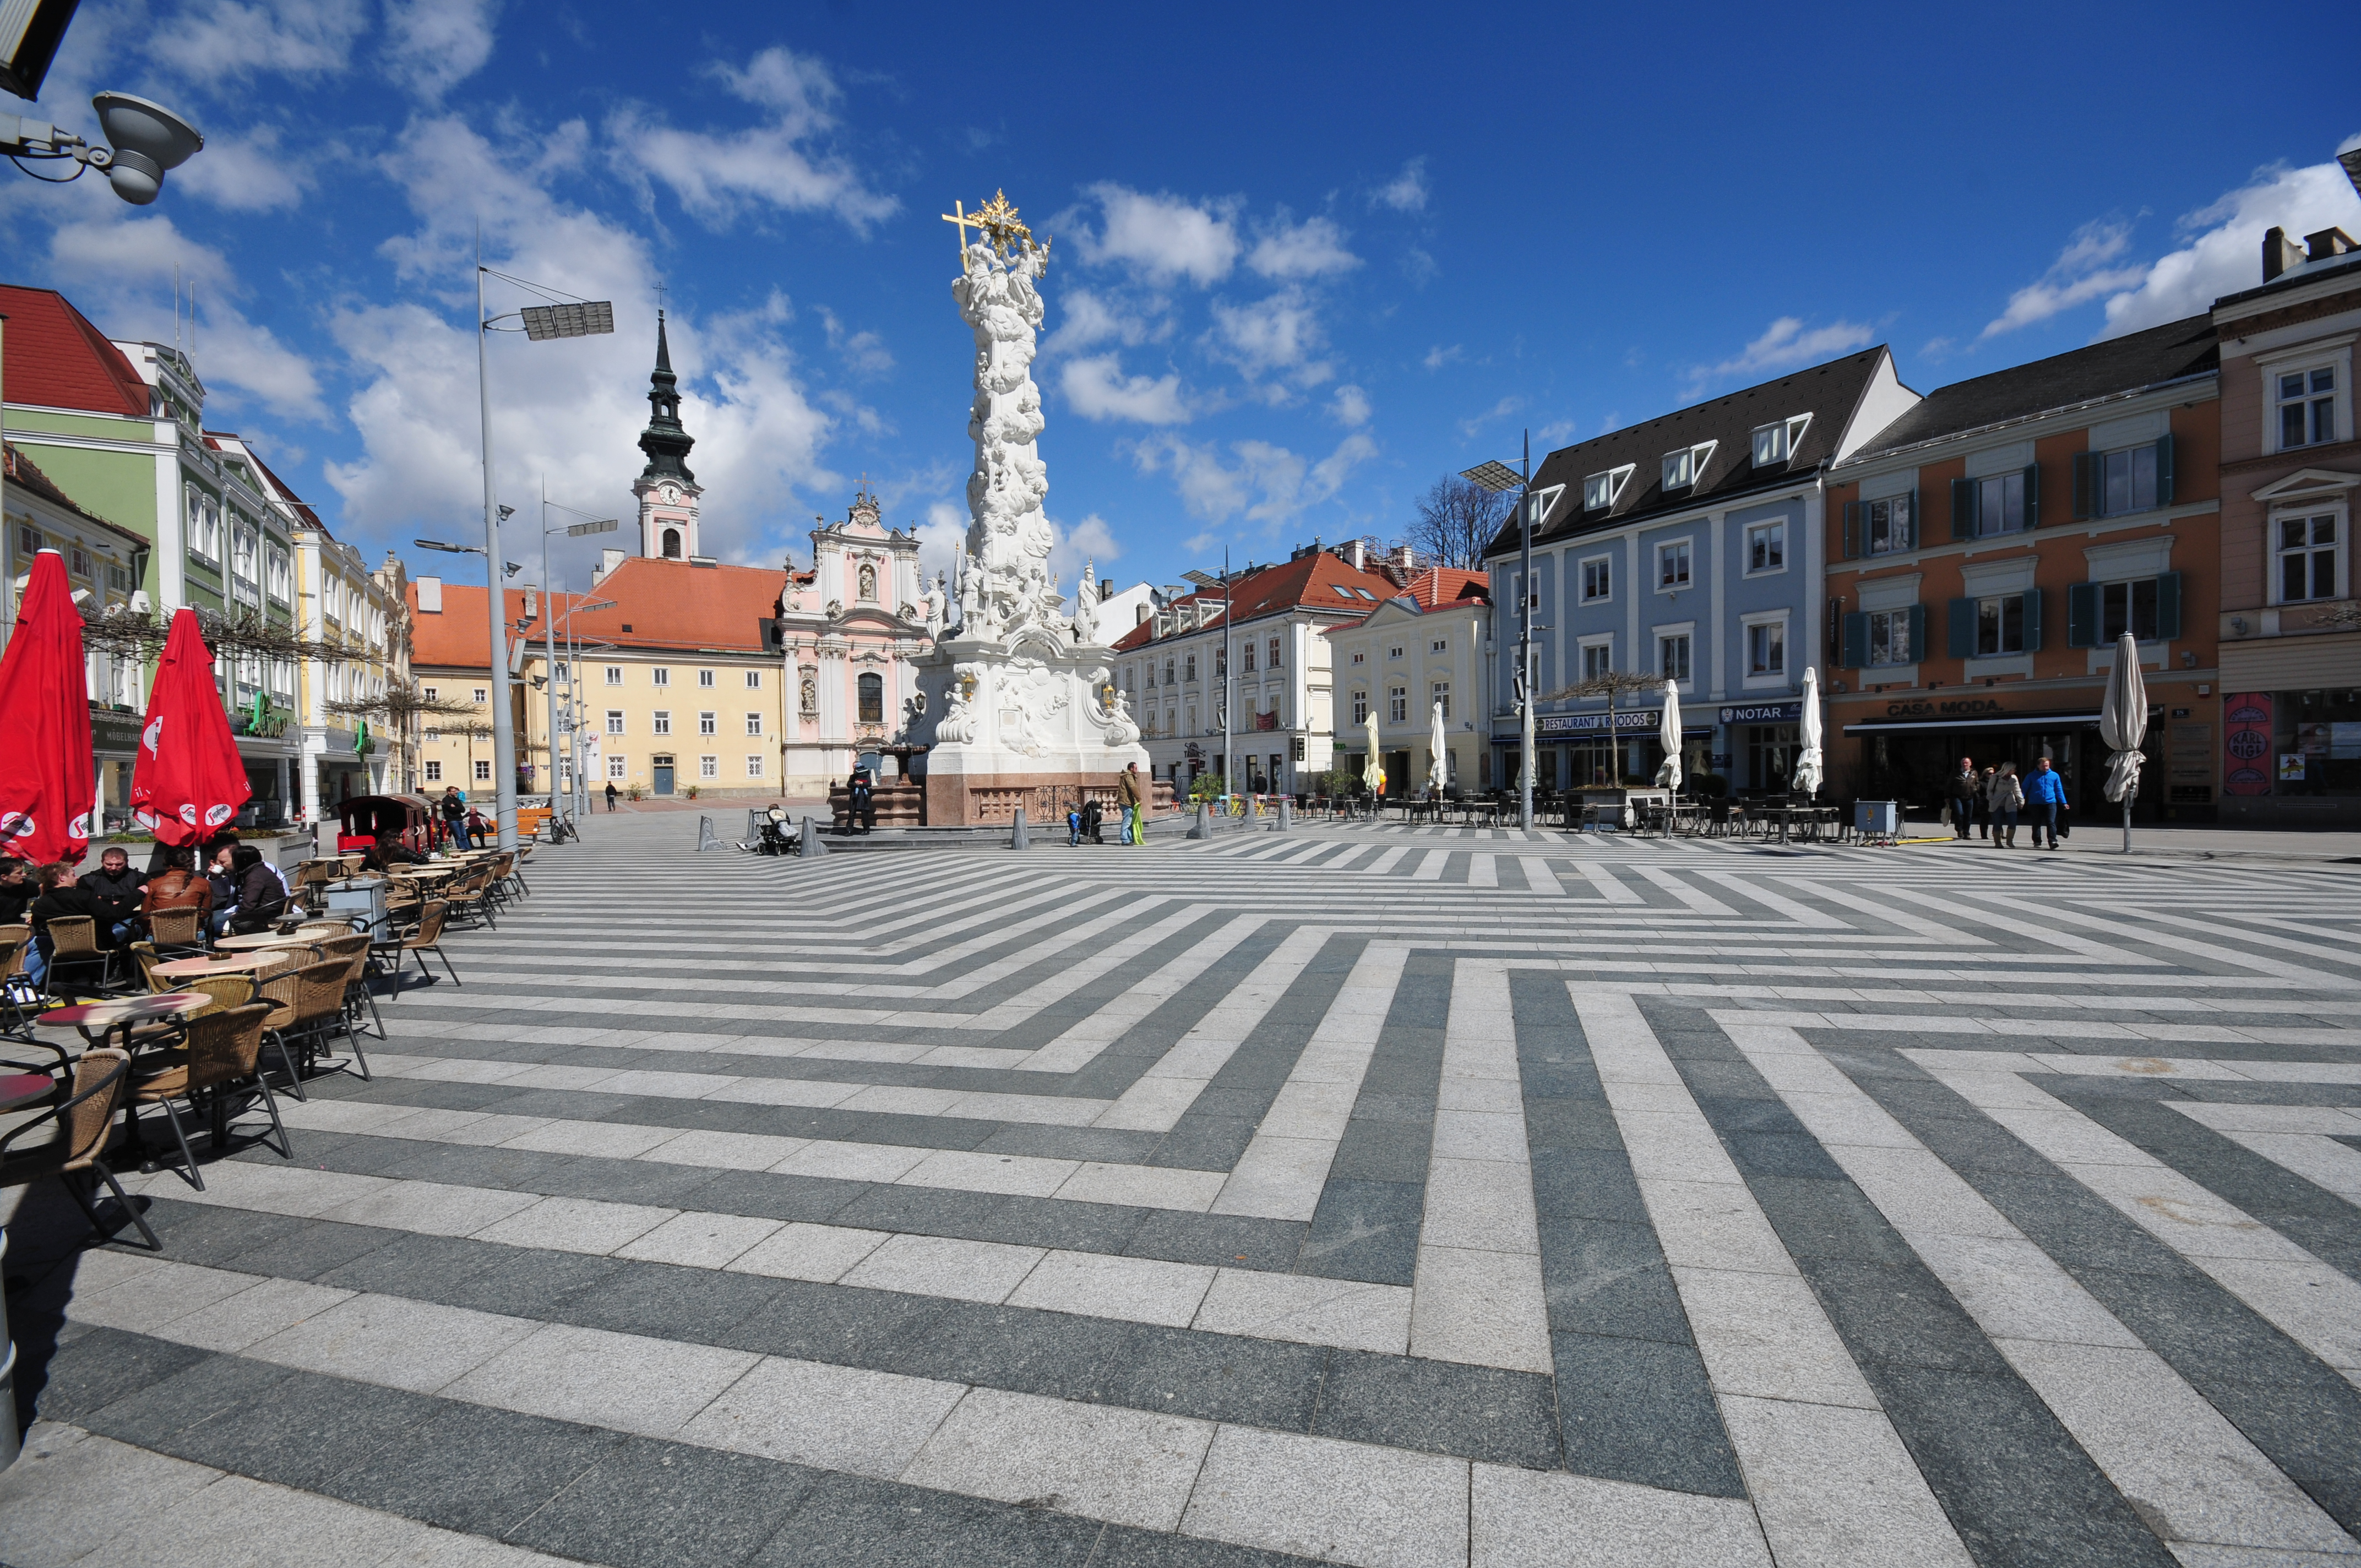 Sankt Polten Austria  city photos : sankt polten, Niederosterreich, Austria What happens in sankt polten ...